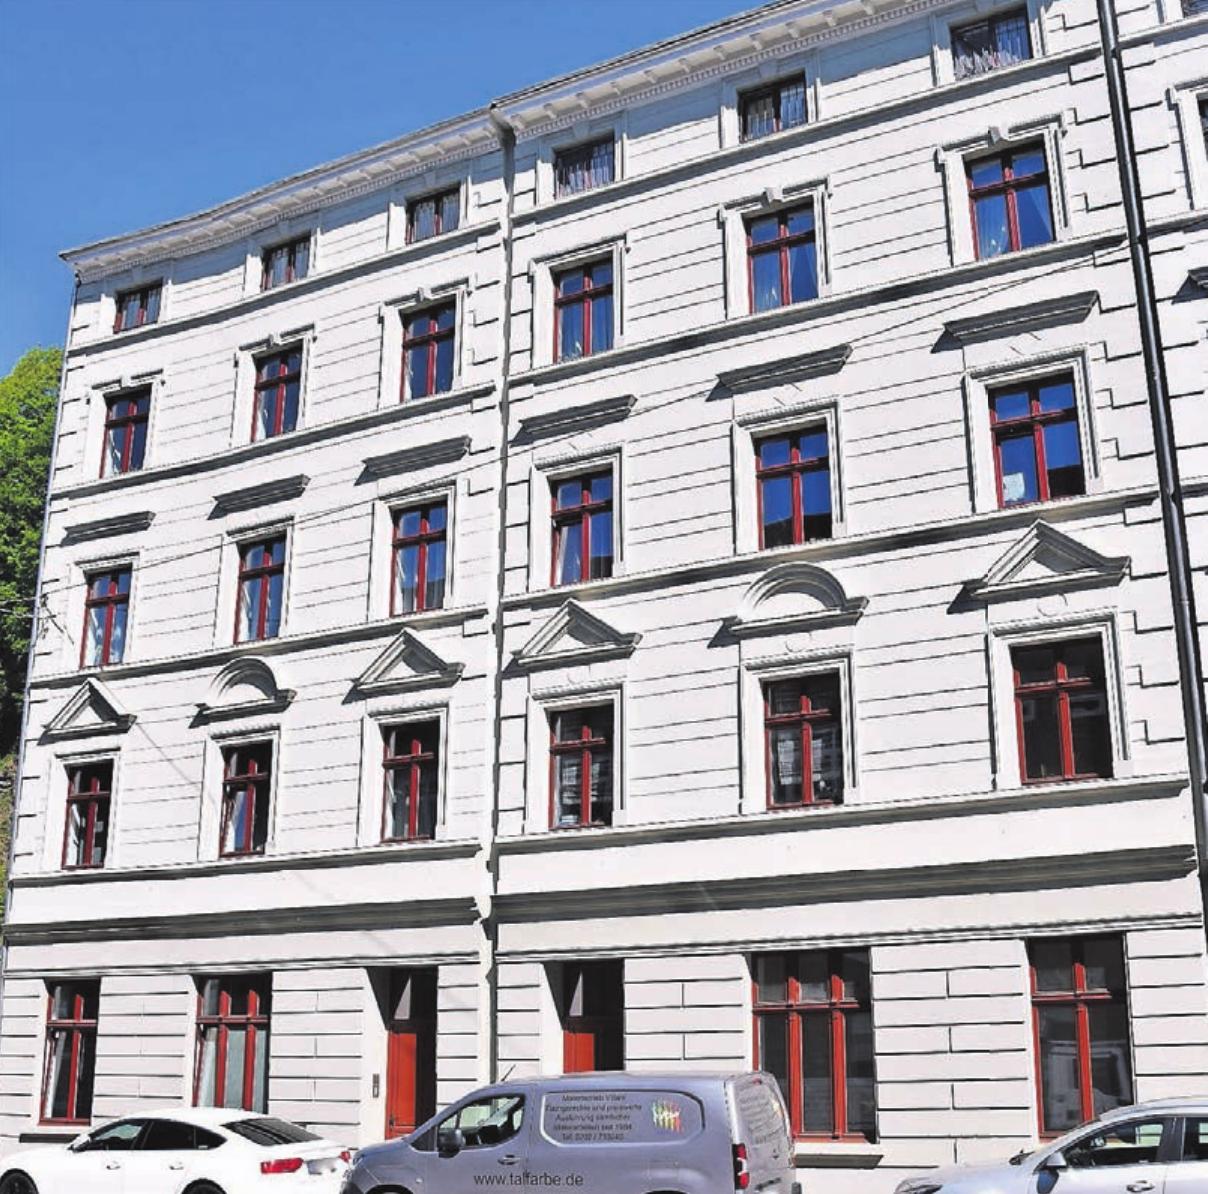 Glänzen wieder in neuem (alten) Glanz: die sanierten Häuser an der Friedrich-Ebert-Straße 290 -292 in Elberfeld.